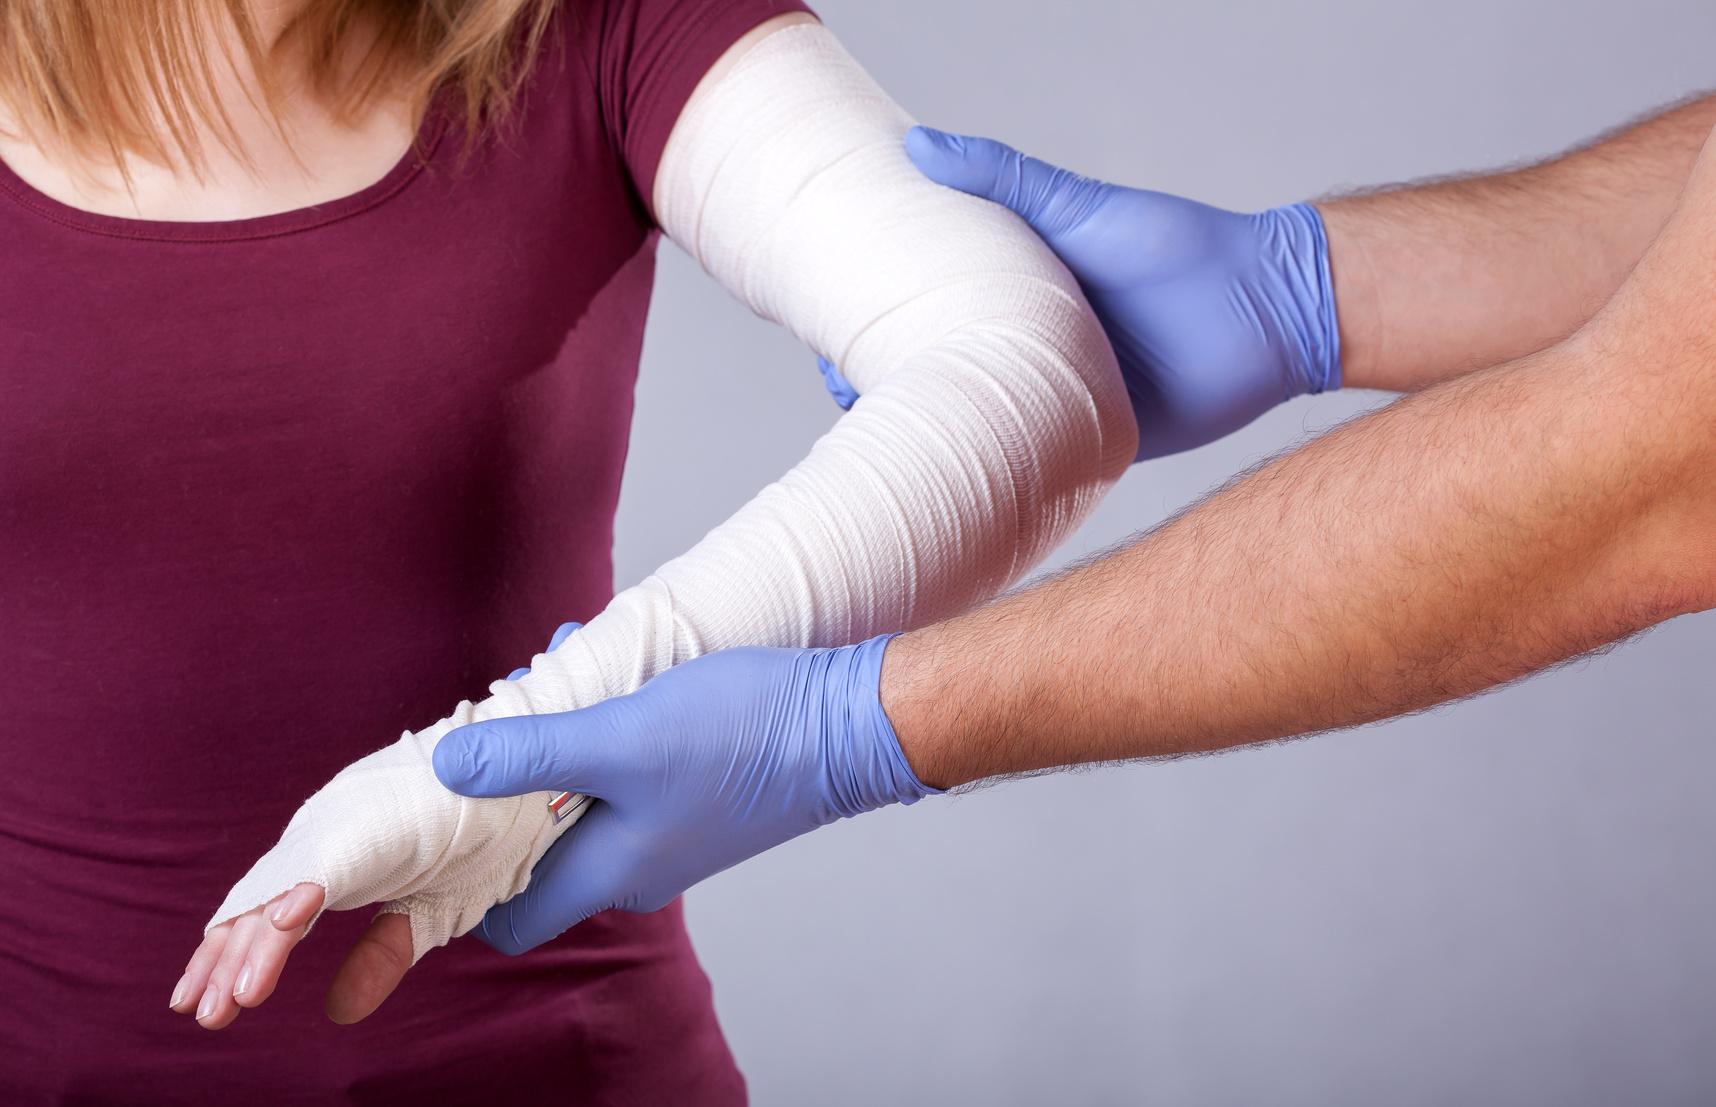 Curso Técnico em: Gesso Ortopédico